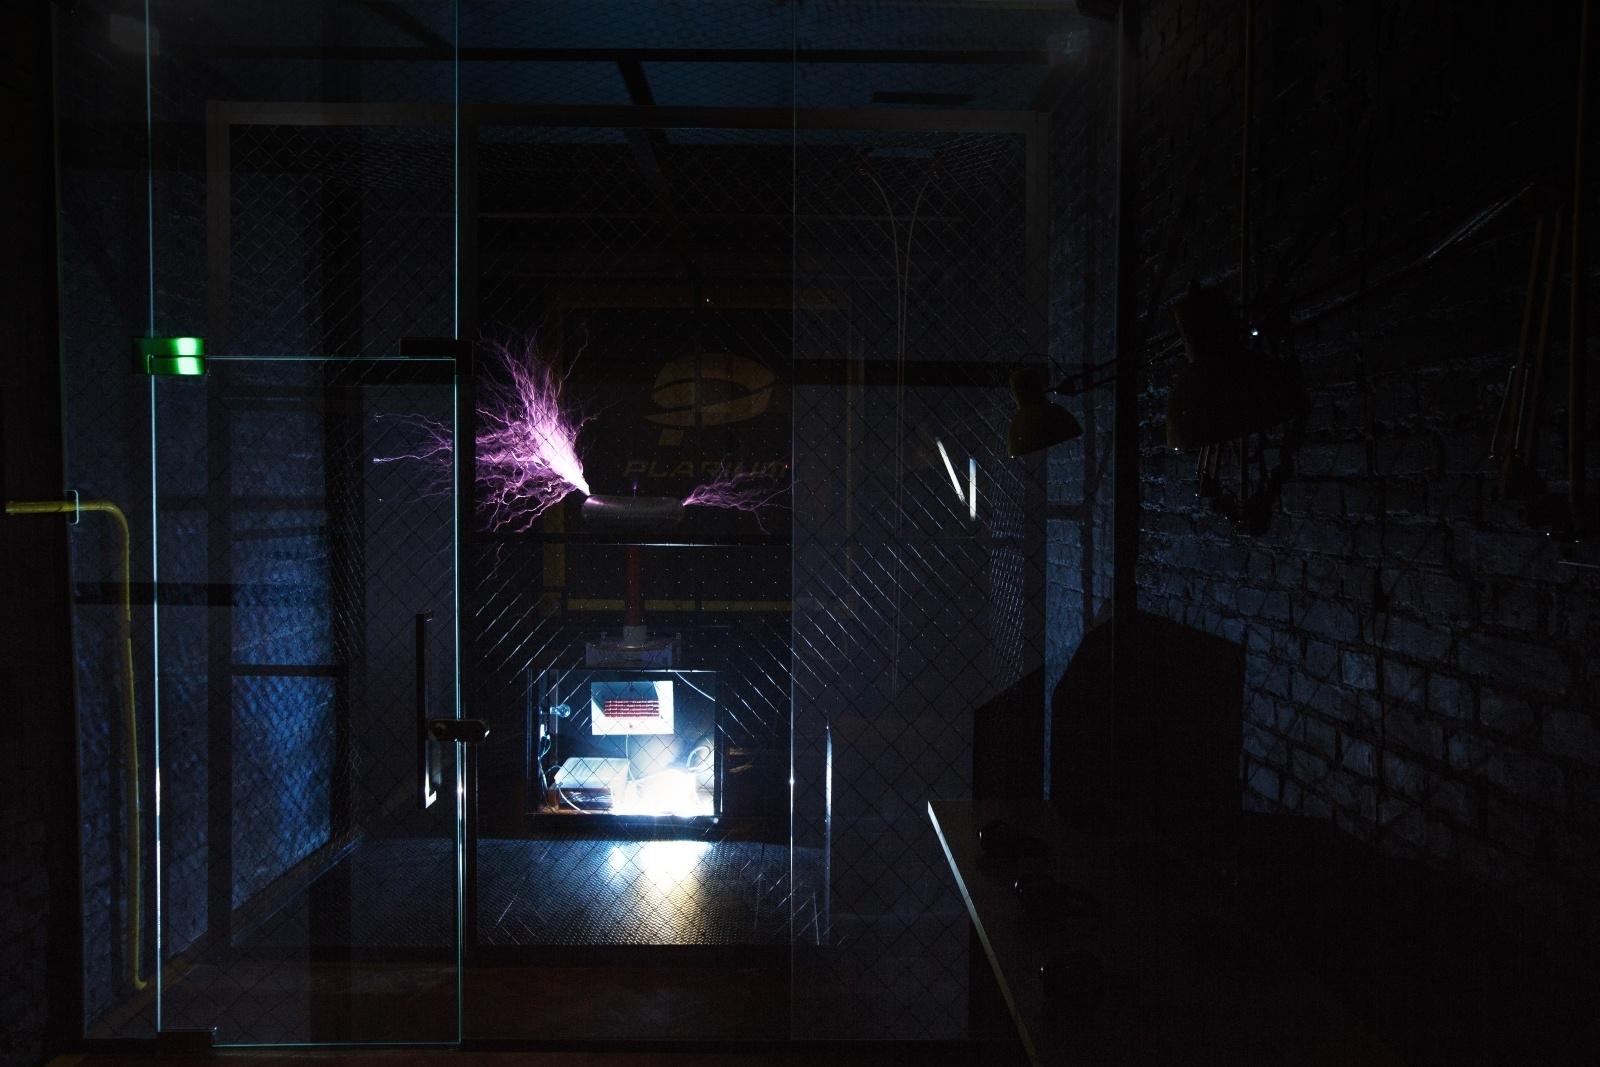 Как Тесла встретился с Ландау, или Гайд по строительству комнаты высоких энергий - 41